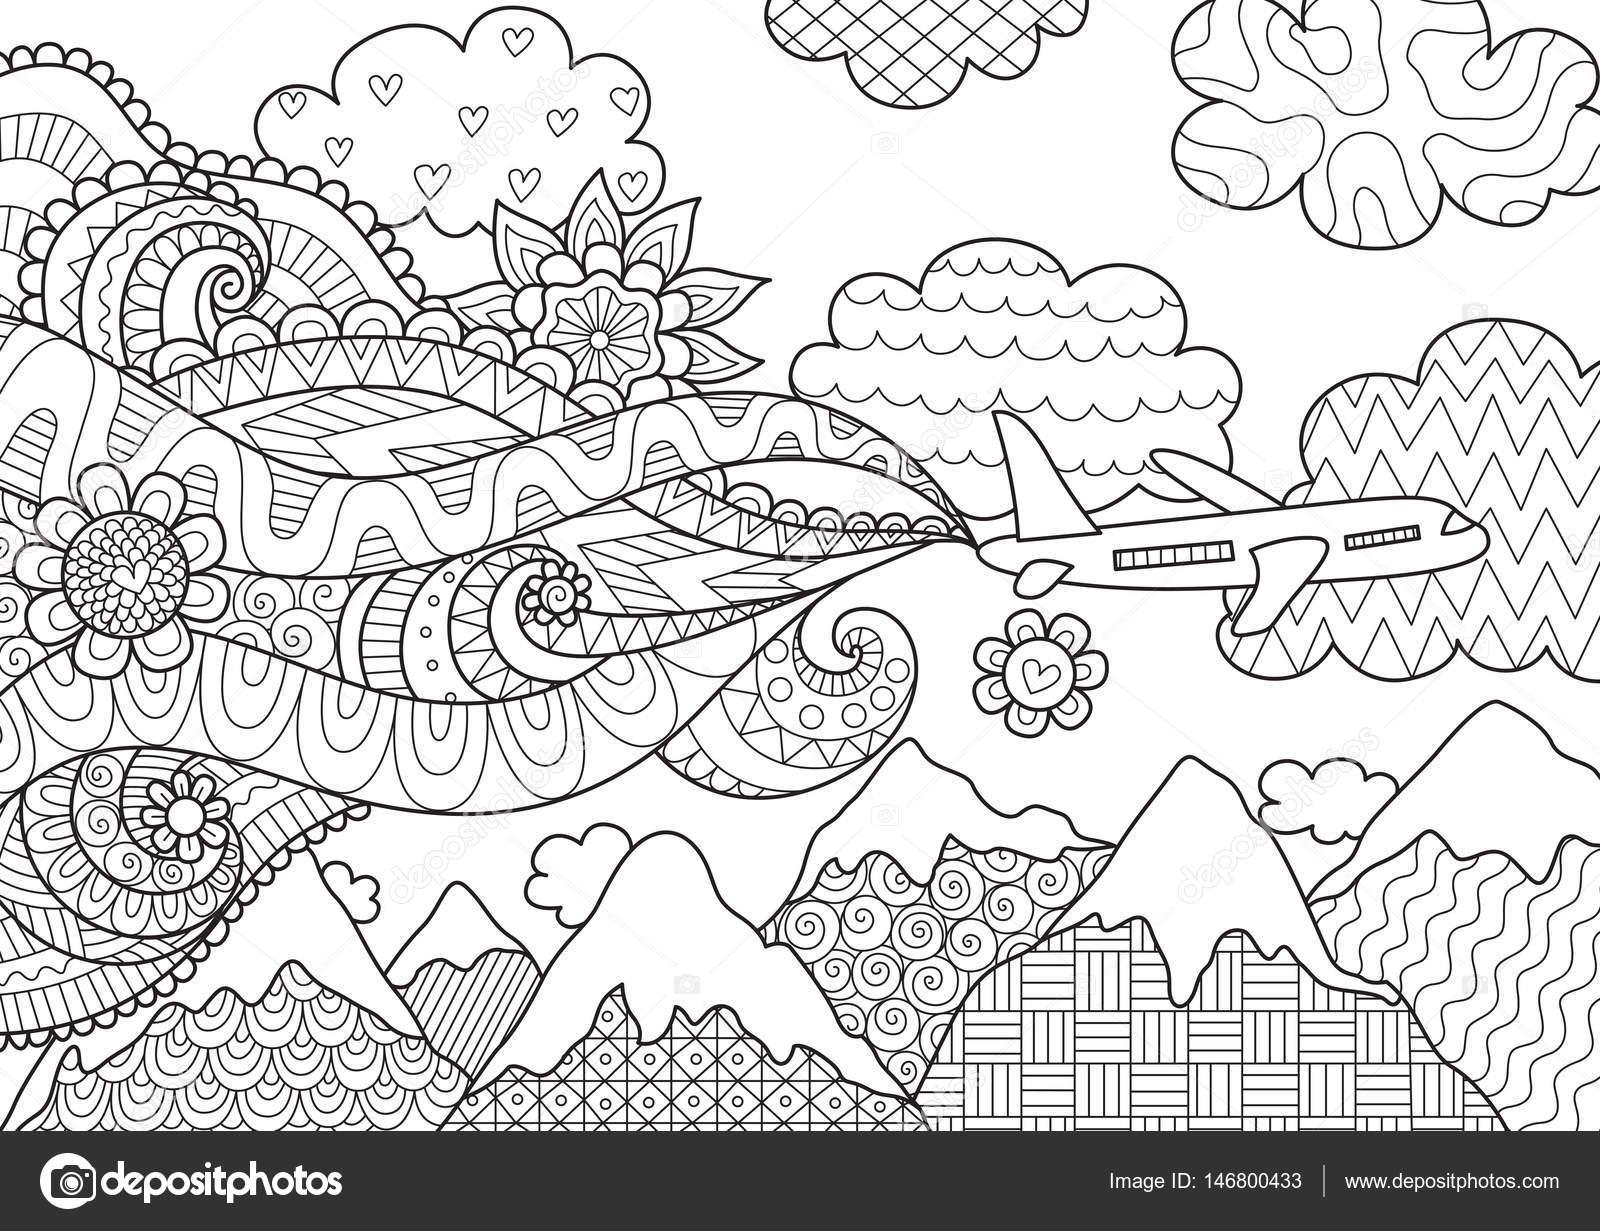 Zendoodle Design Von Flugzeug Fliegen über Berge Für